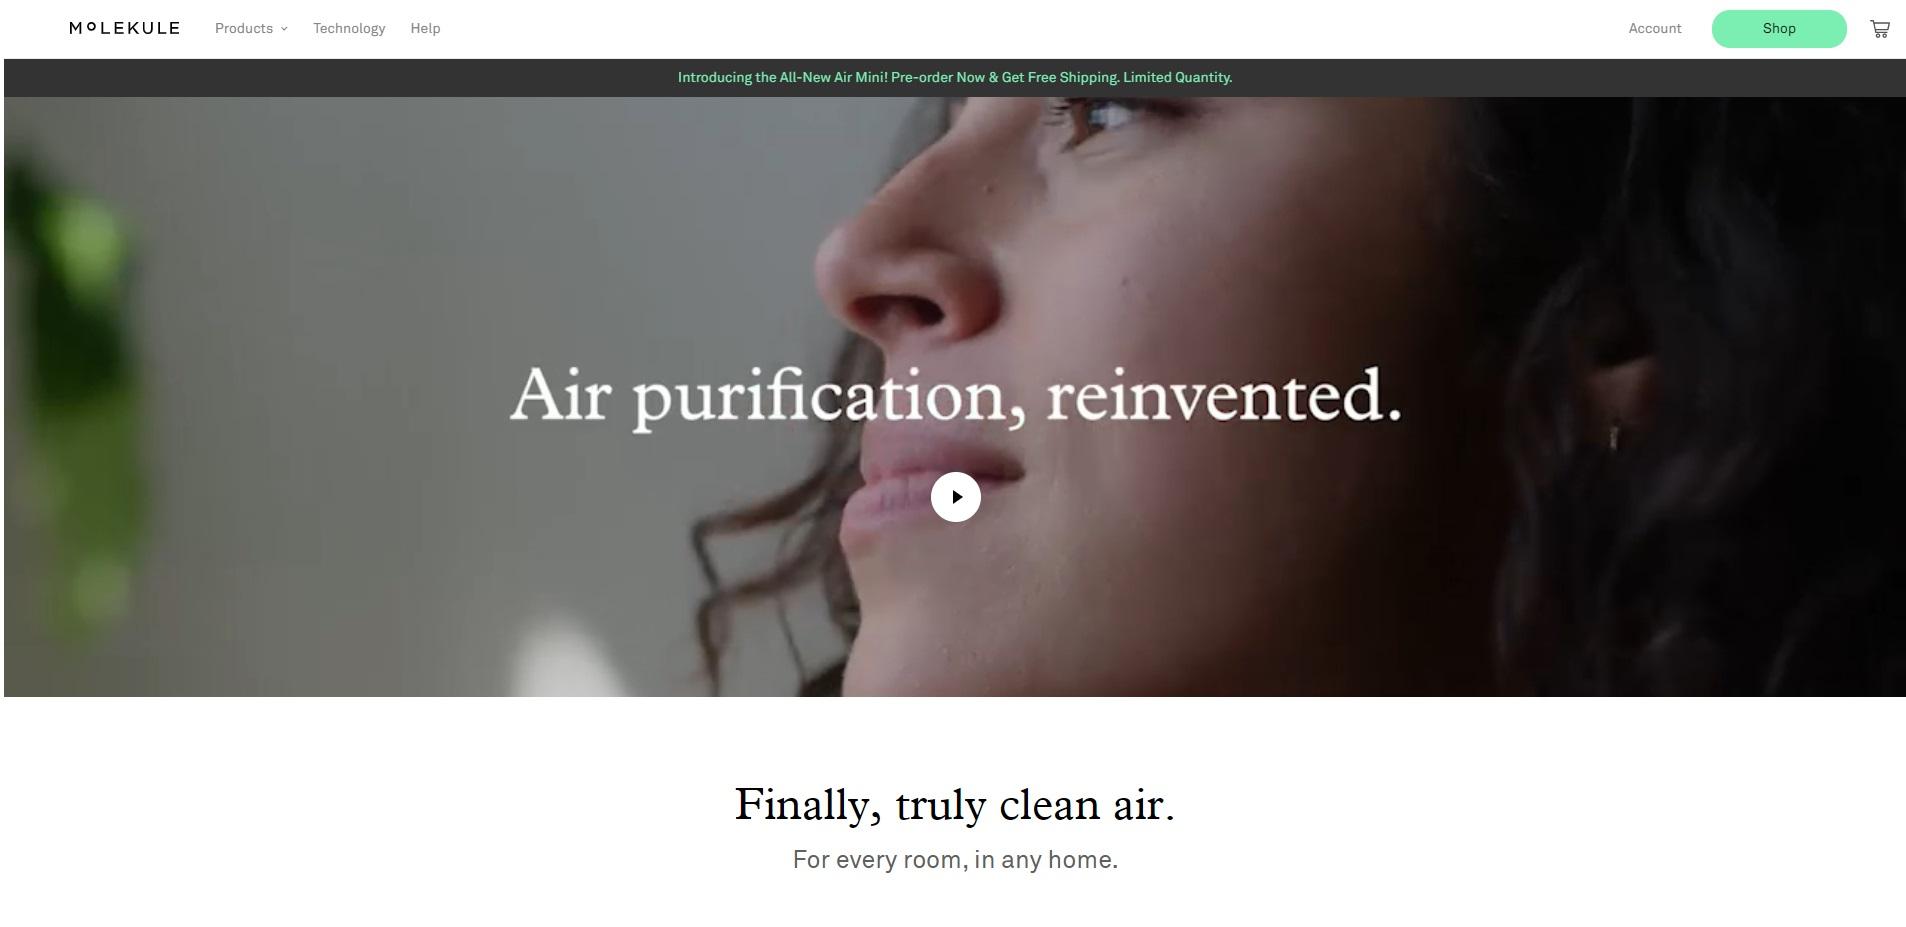 Mooie website van Molekule